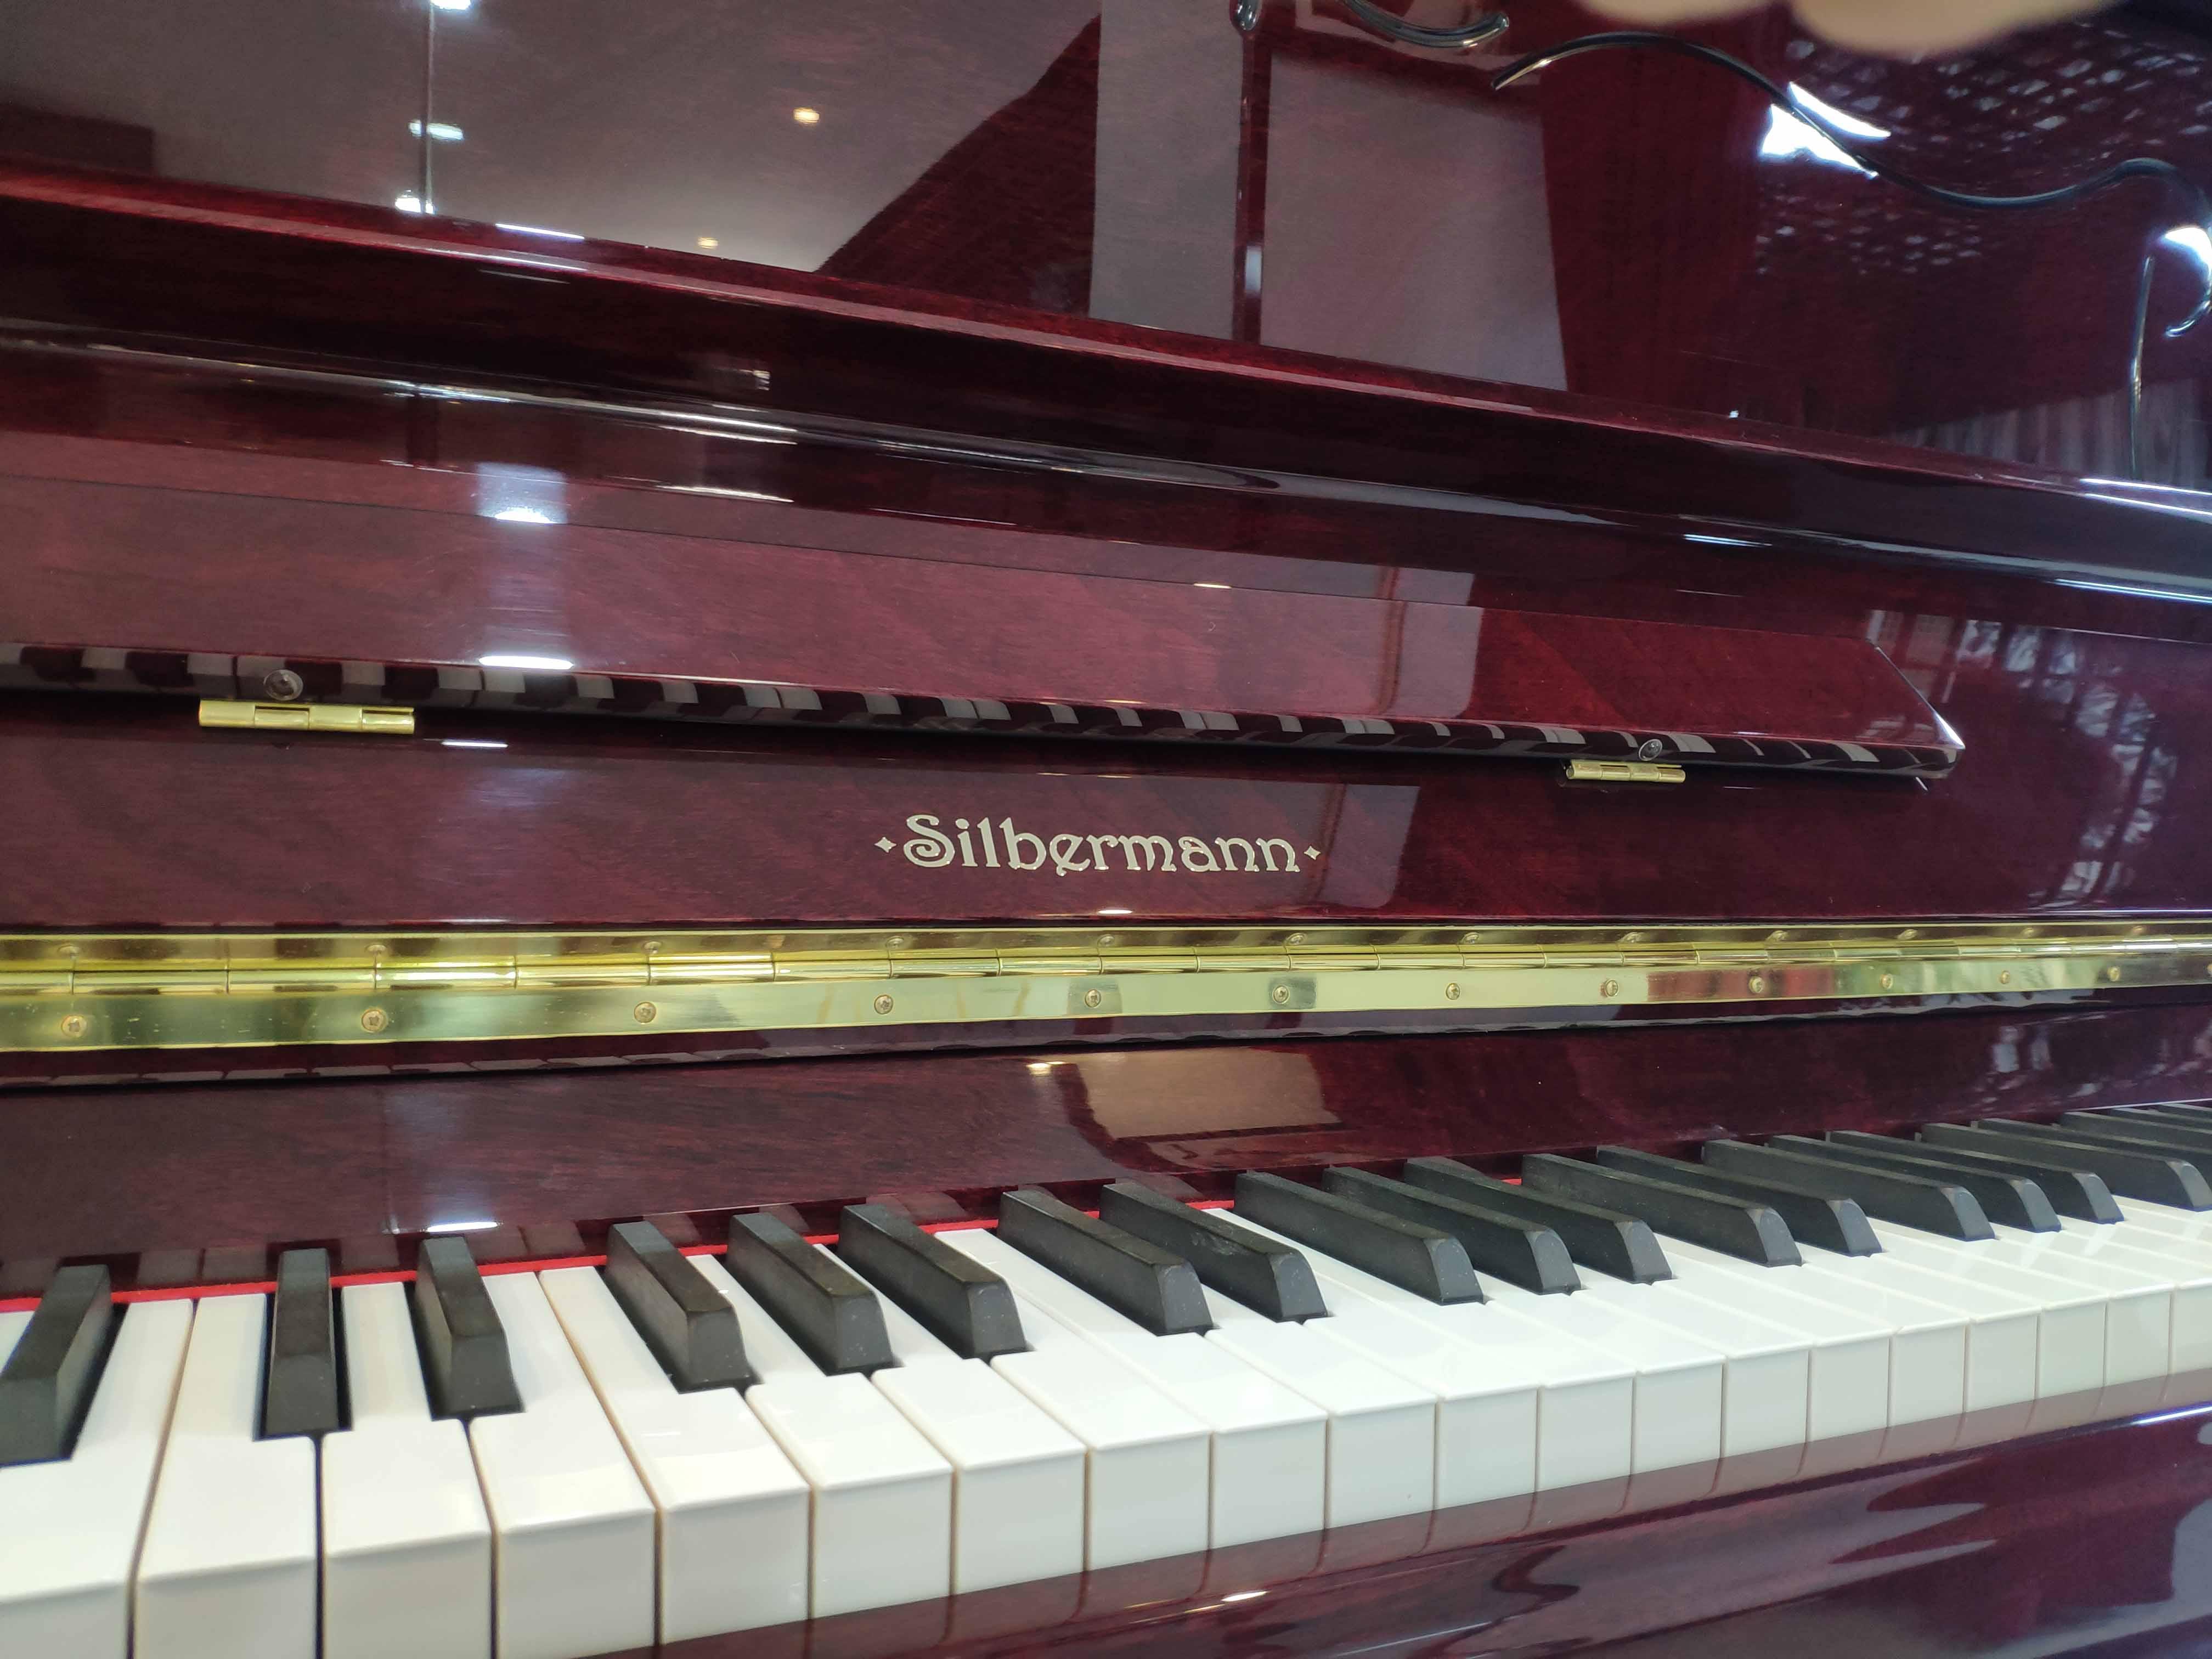 一招教你如何在15天内卖出三台钢琴!